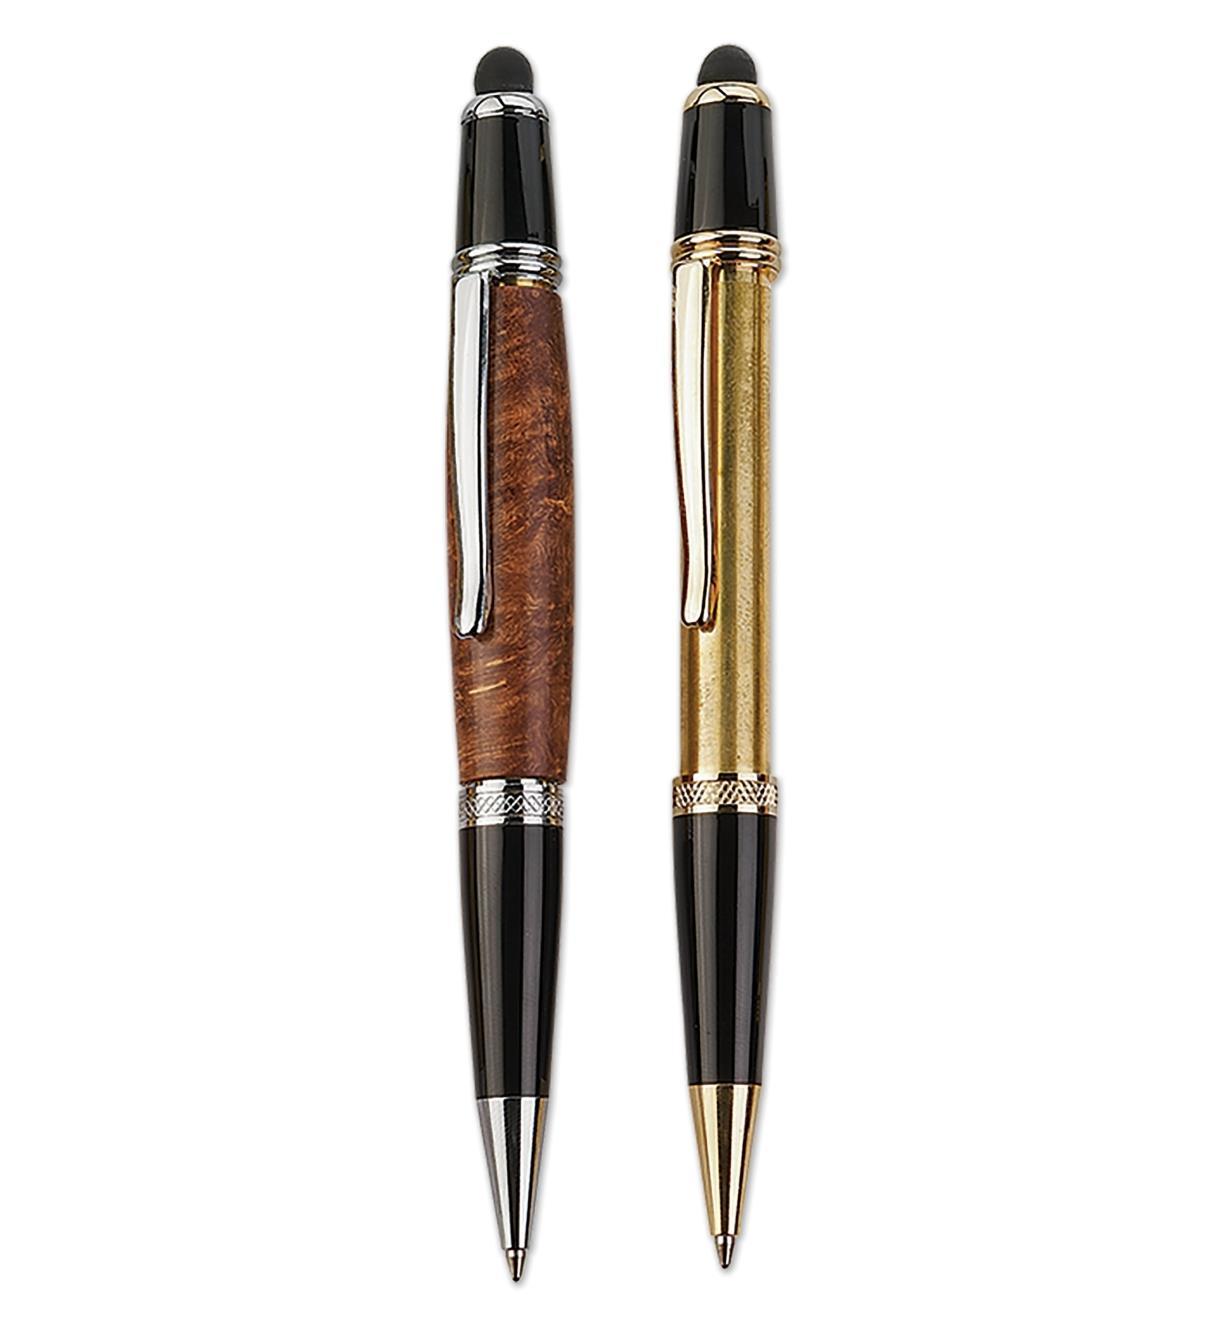 Exemple d'un stylo terminé.